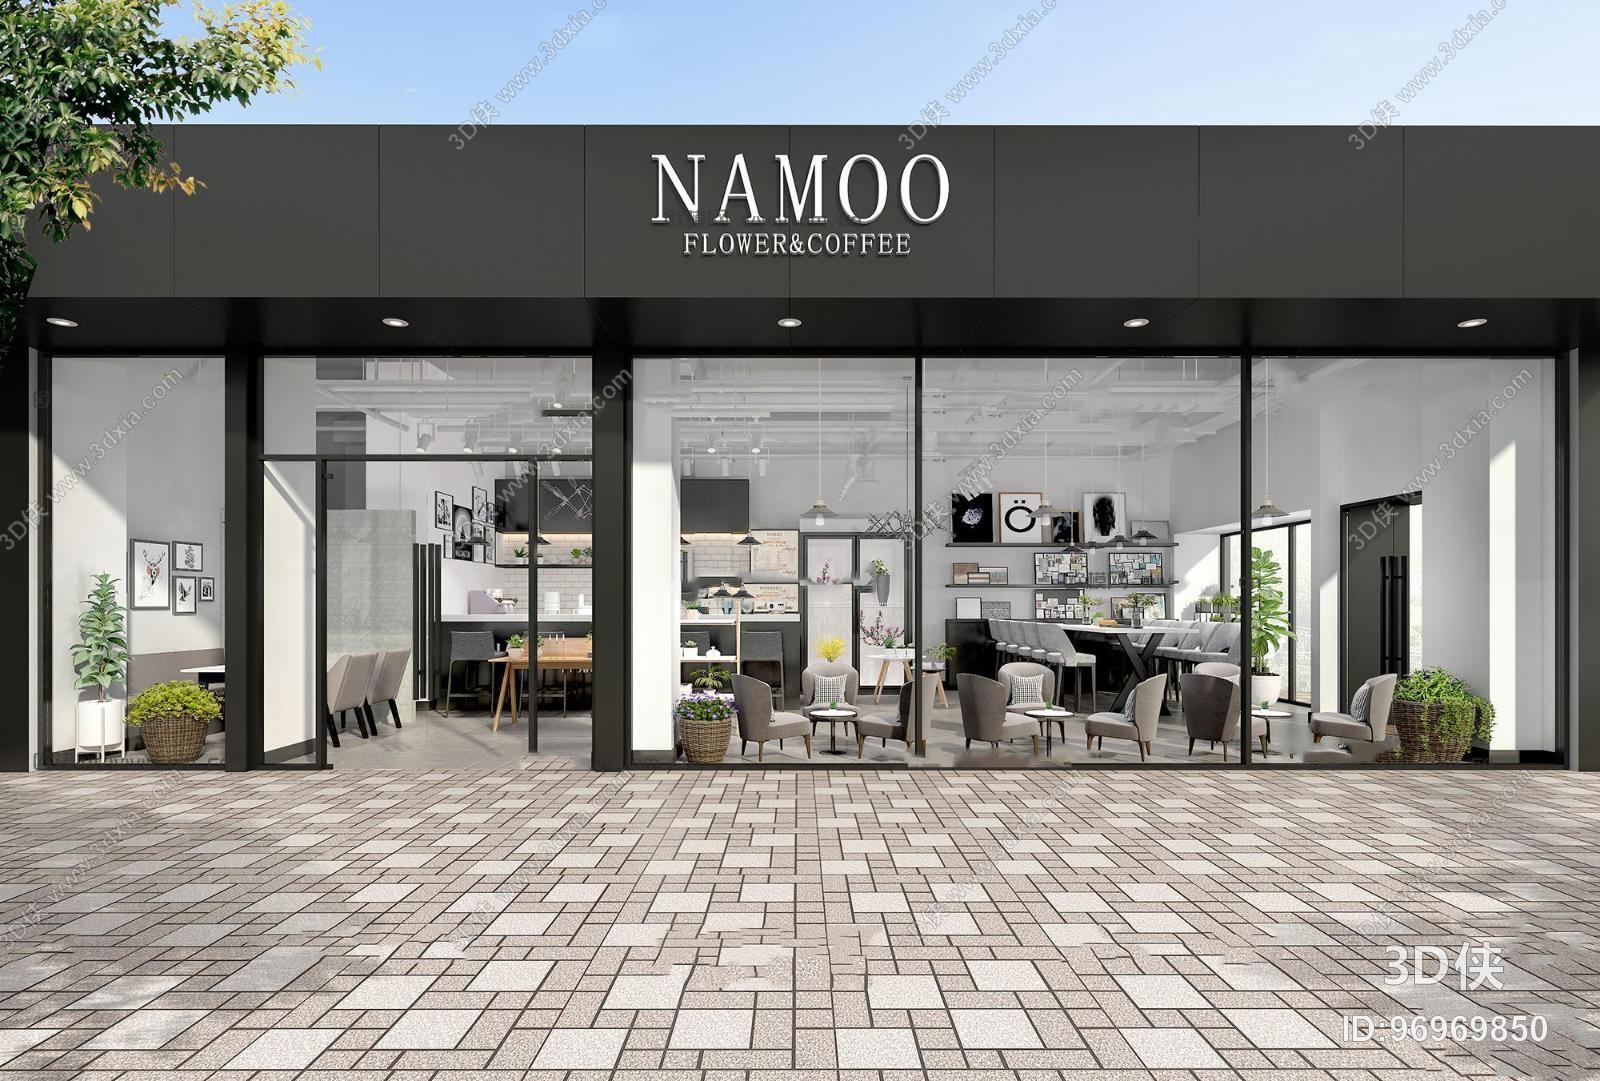 效果图素材免费下载,本作品主题是北欧咖啡店门头3d模型,编号是969698